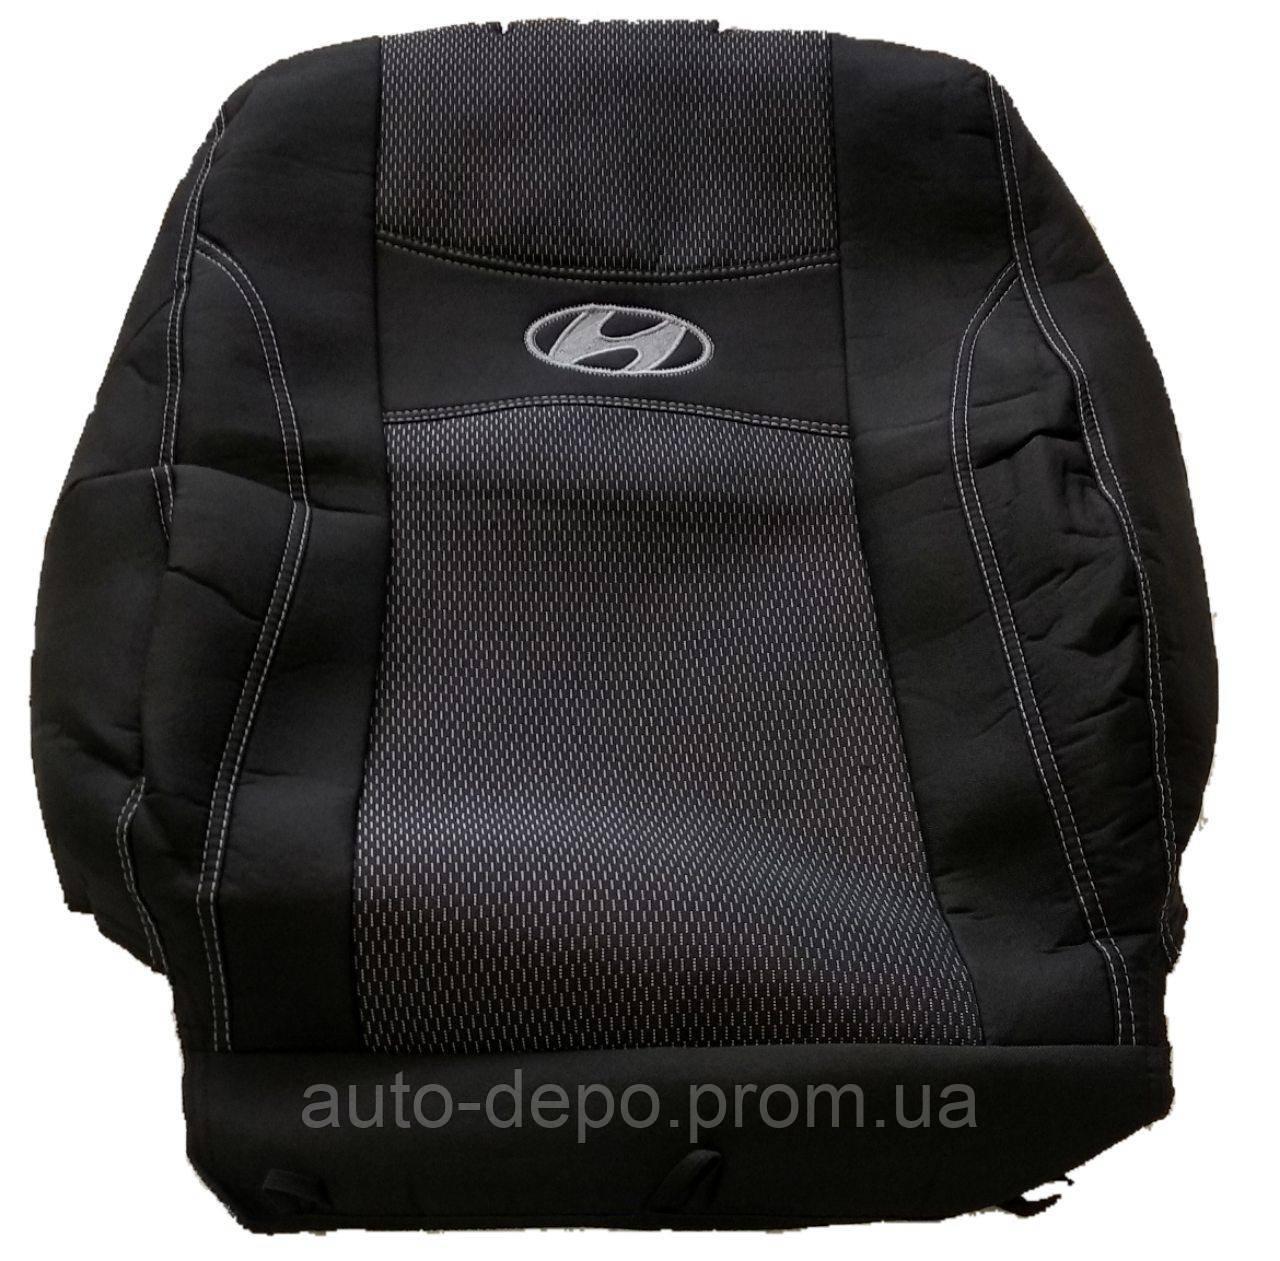 Чехлы на сиденья Хундай Hyundai i10 2007- Nika полный комплект